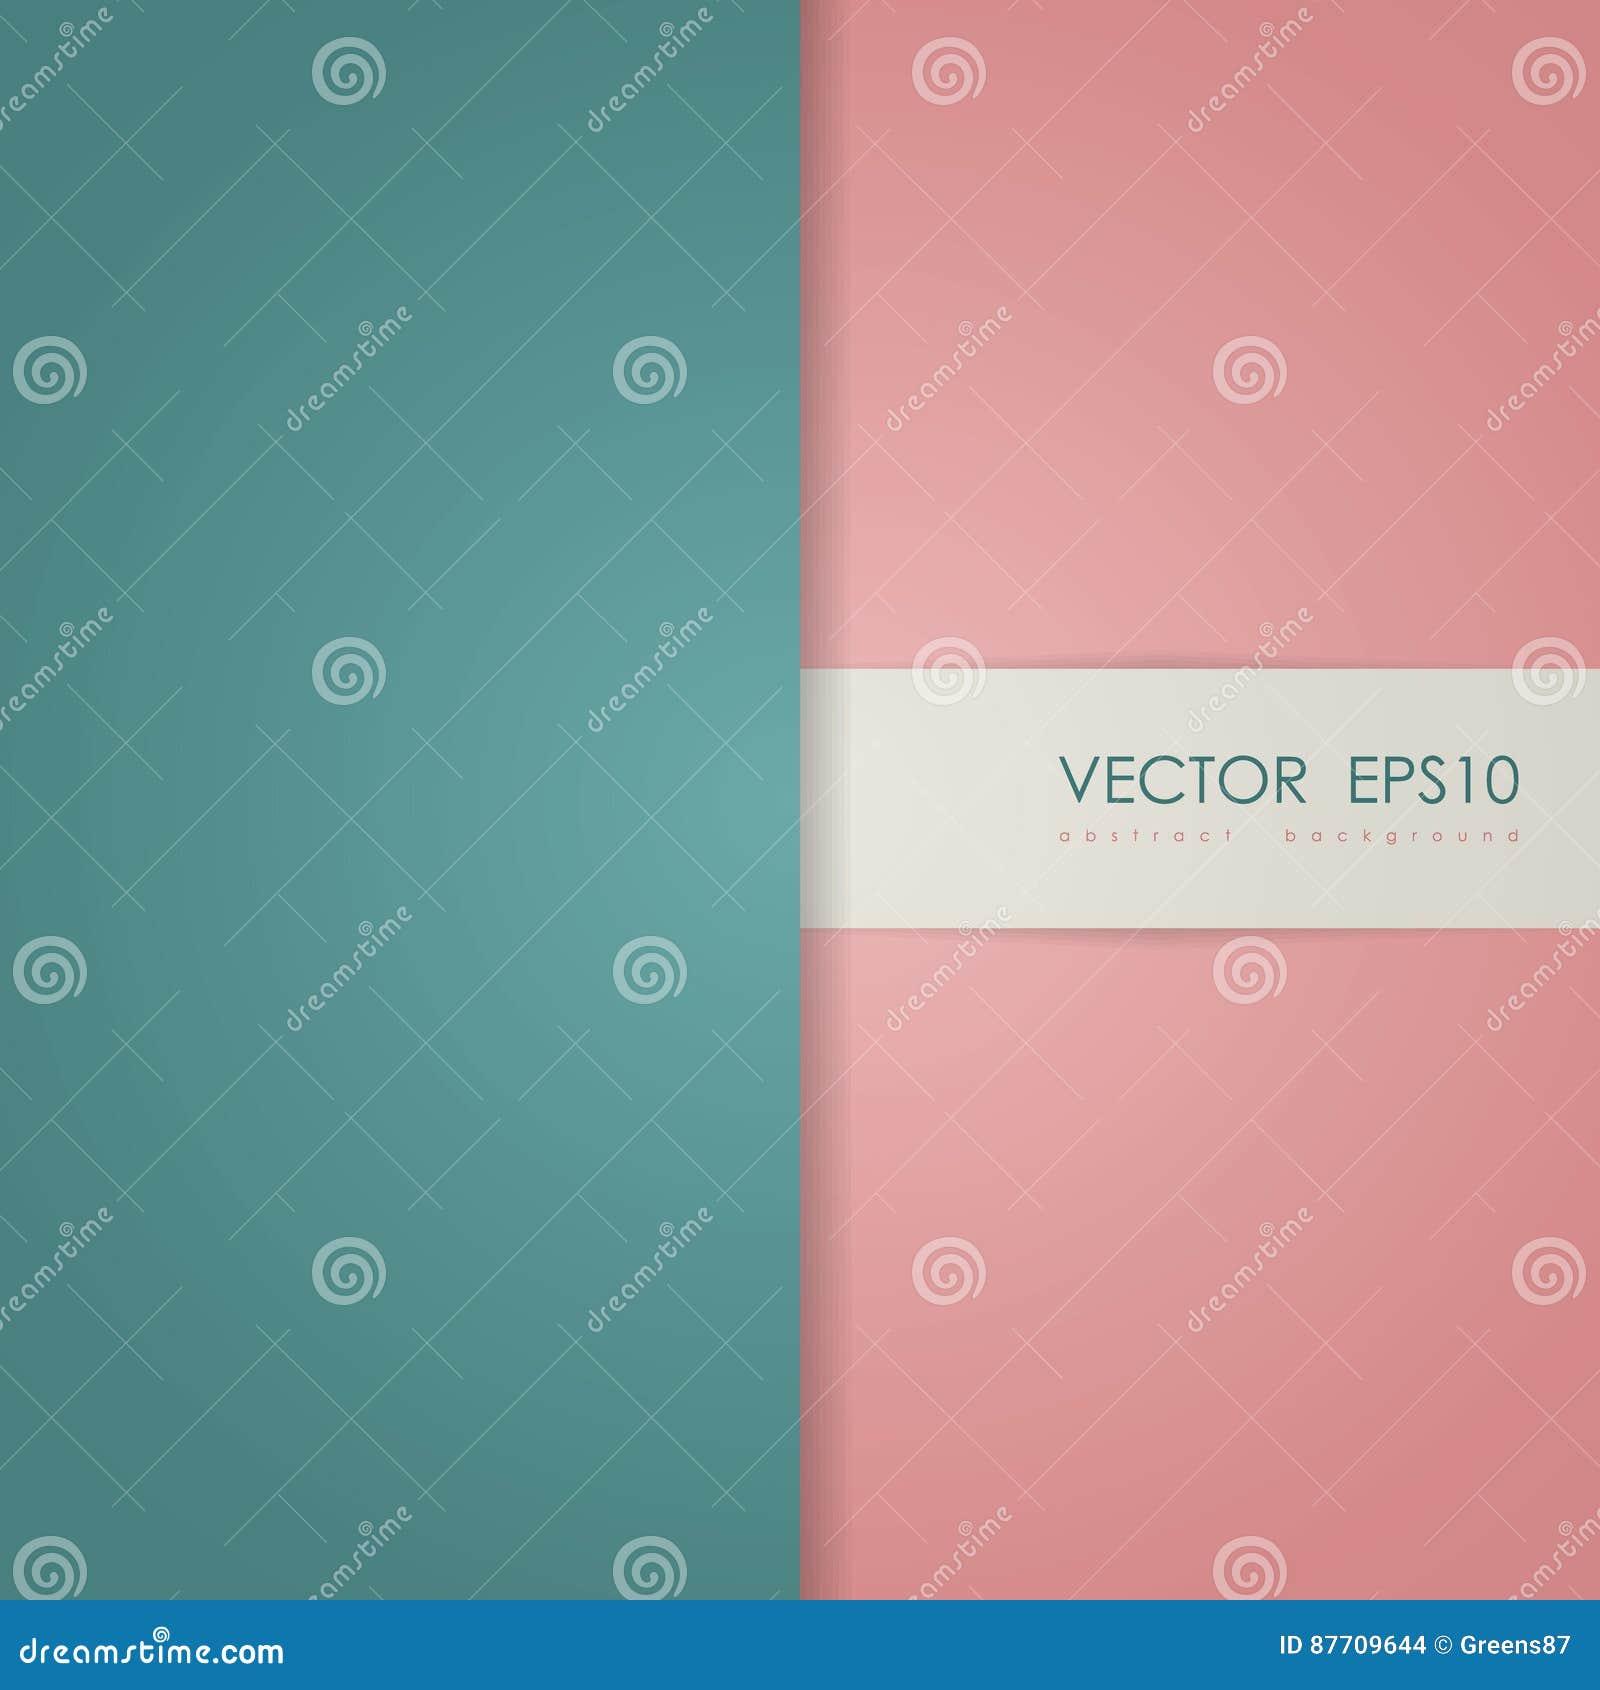 Page de couverture simple abstraite avec des couches de papier vertes et rouges